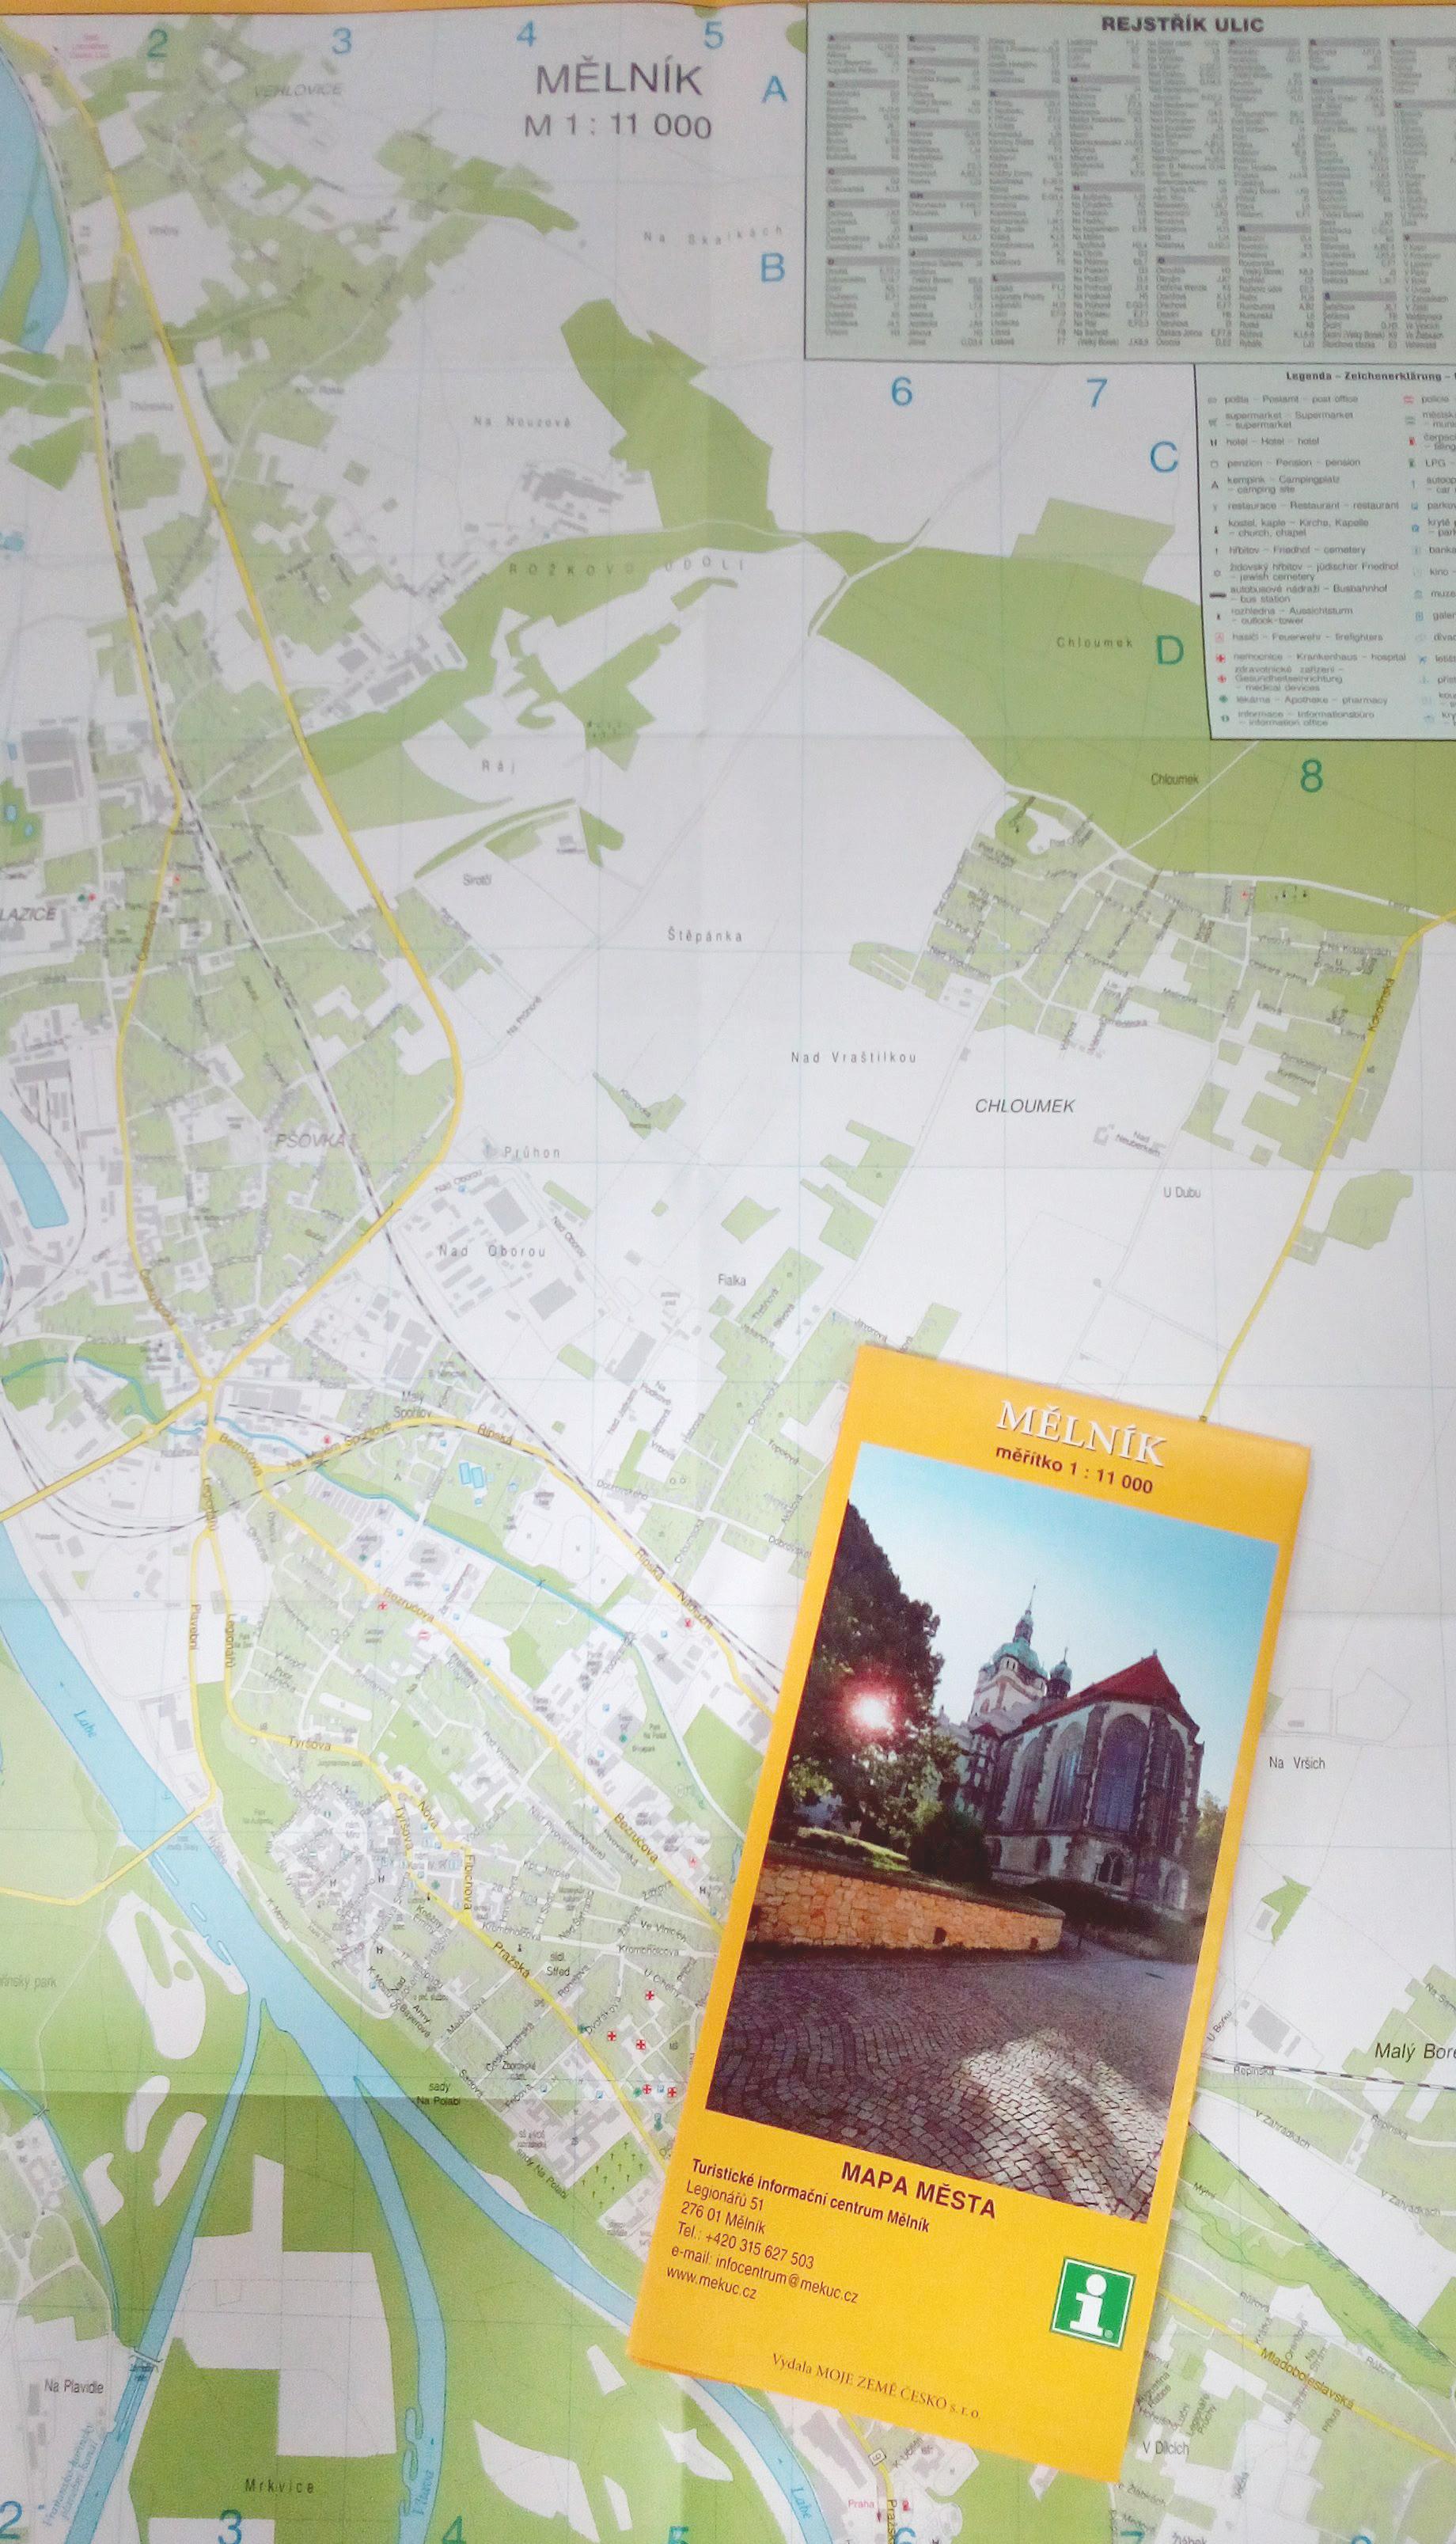 Nova Mapa Mesta Melnik V Prodeji V Tic Turisticke Informacni